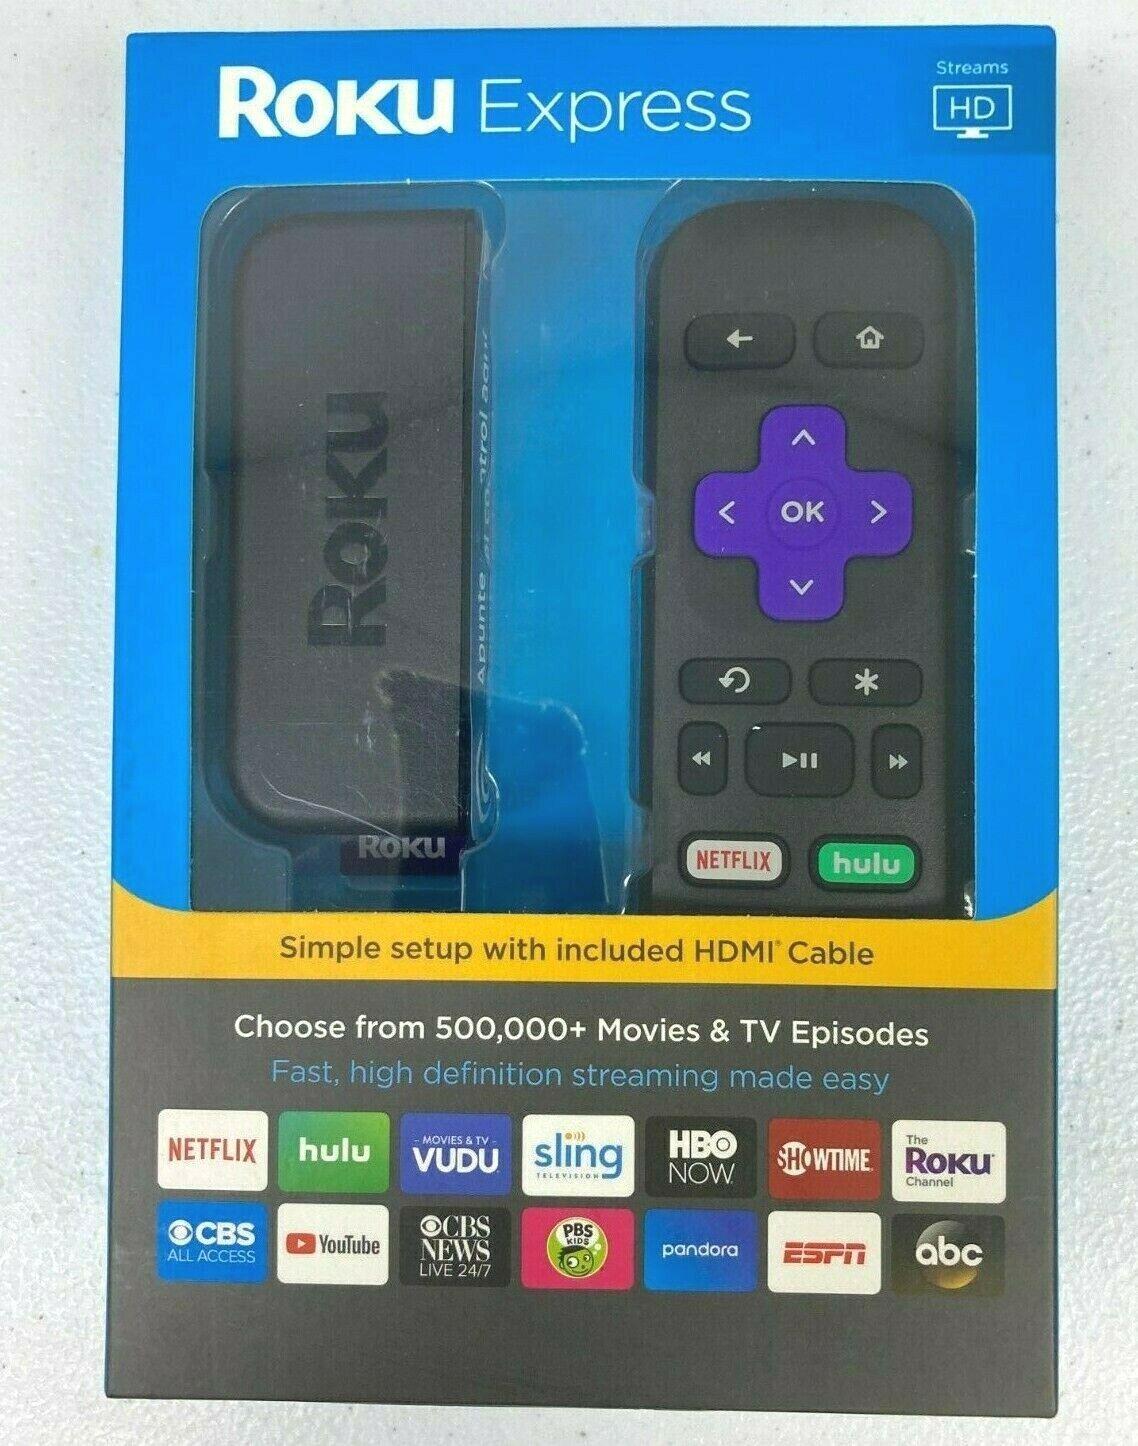 Roku Express HD Media Streamer 3900RW - Black Streaming Media Player 2019 *NEW* 3900rw black express media player roku streamer streaming